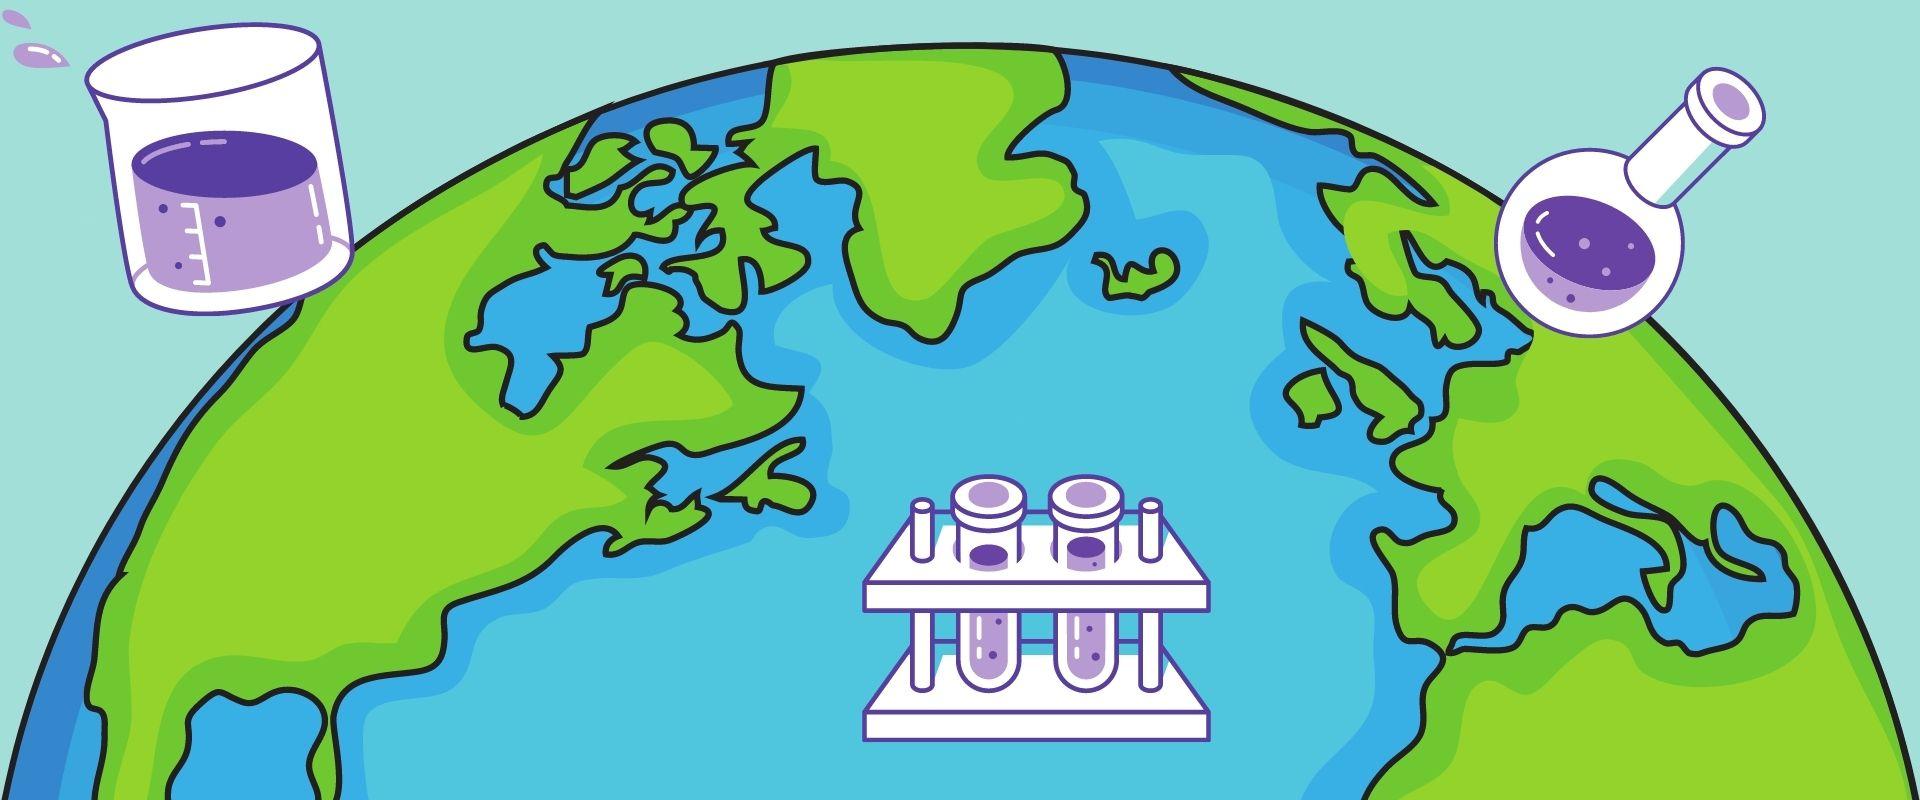 아이들을 위한 기후변화 과학실험